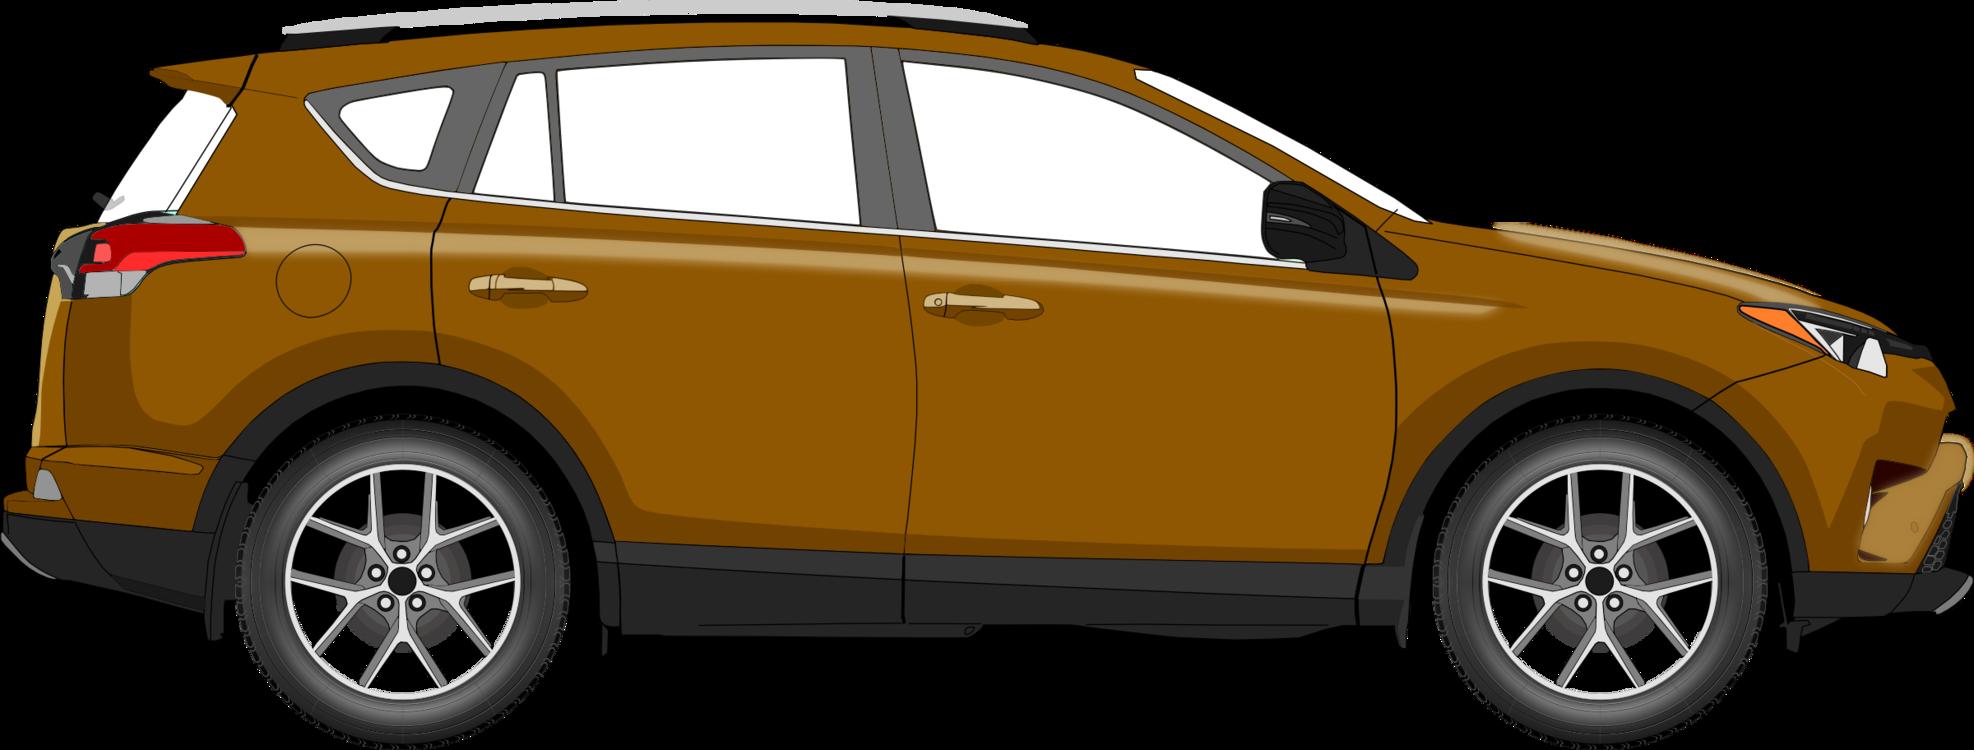 Wheel,Automotive Exterior,Compact Car